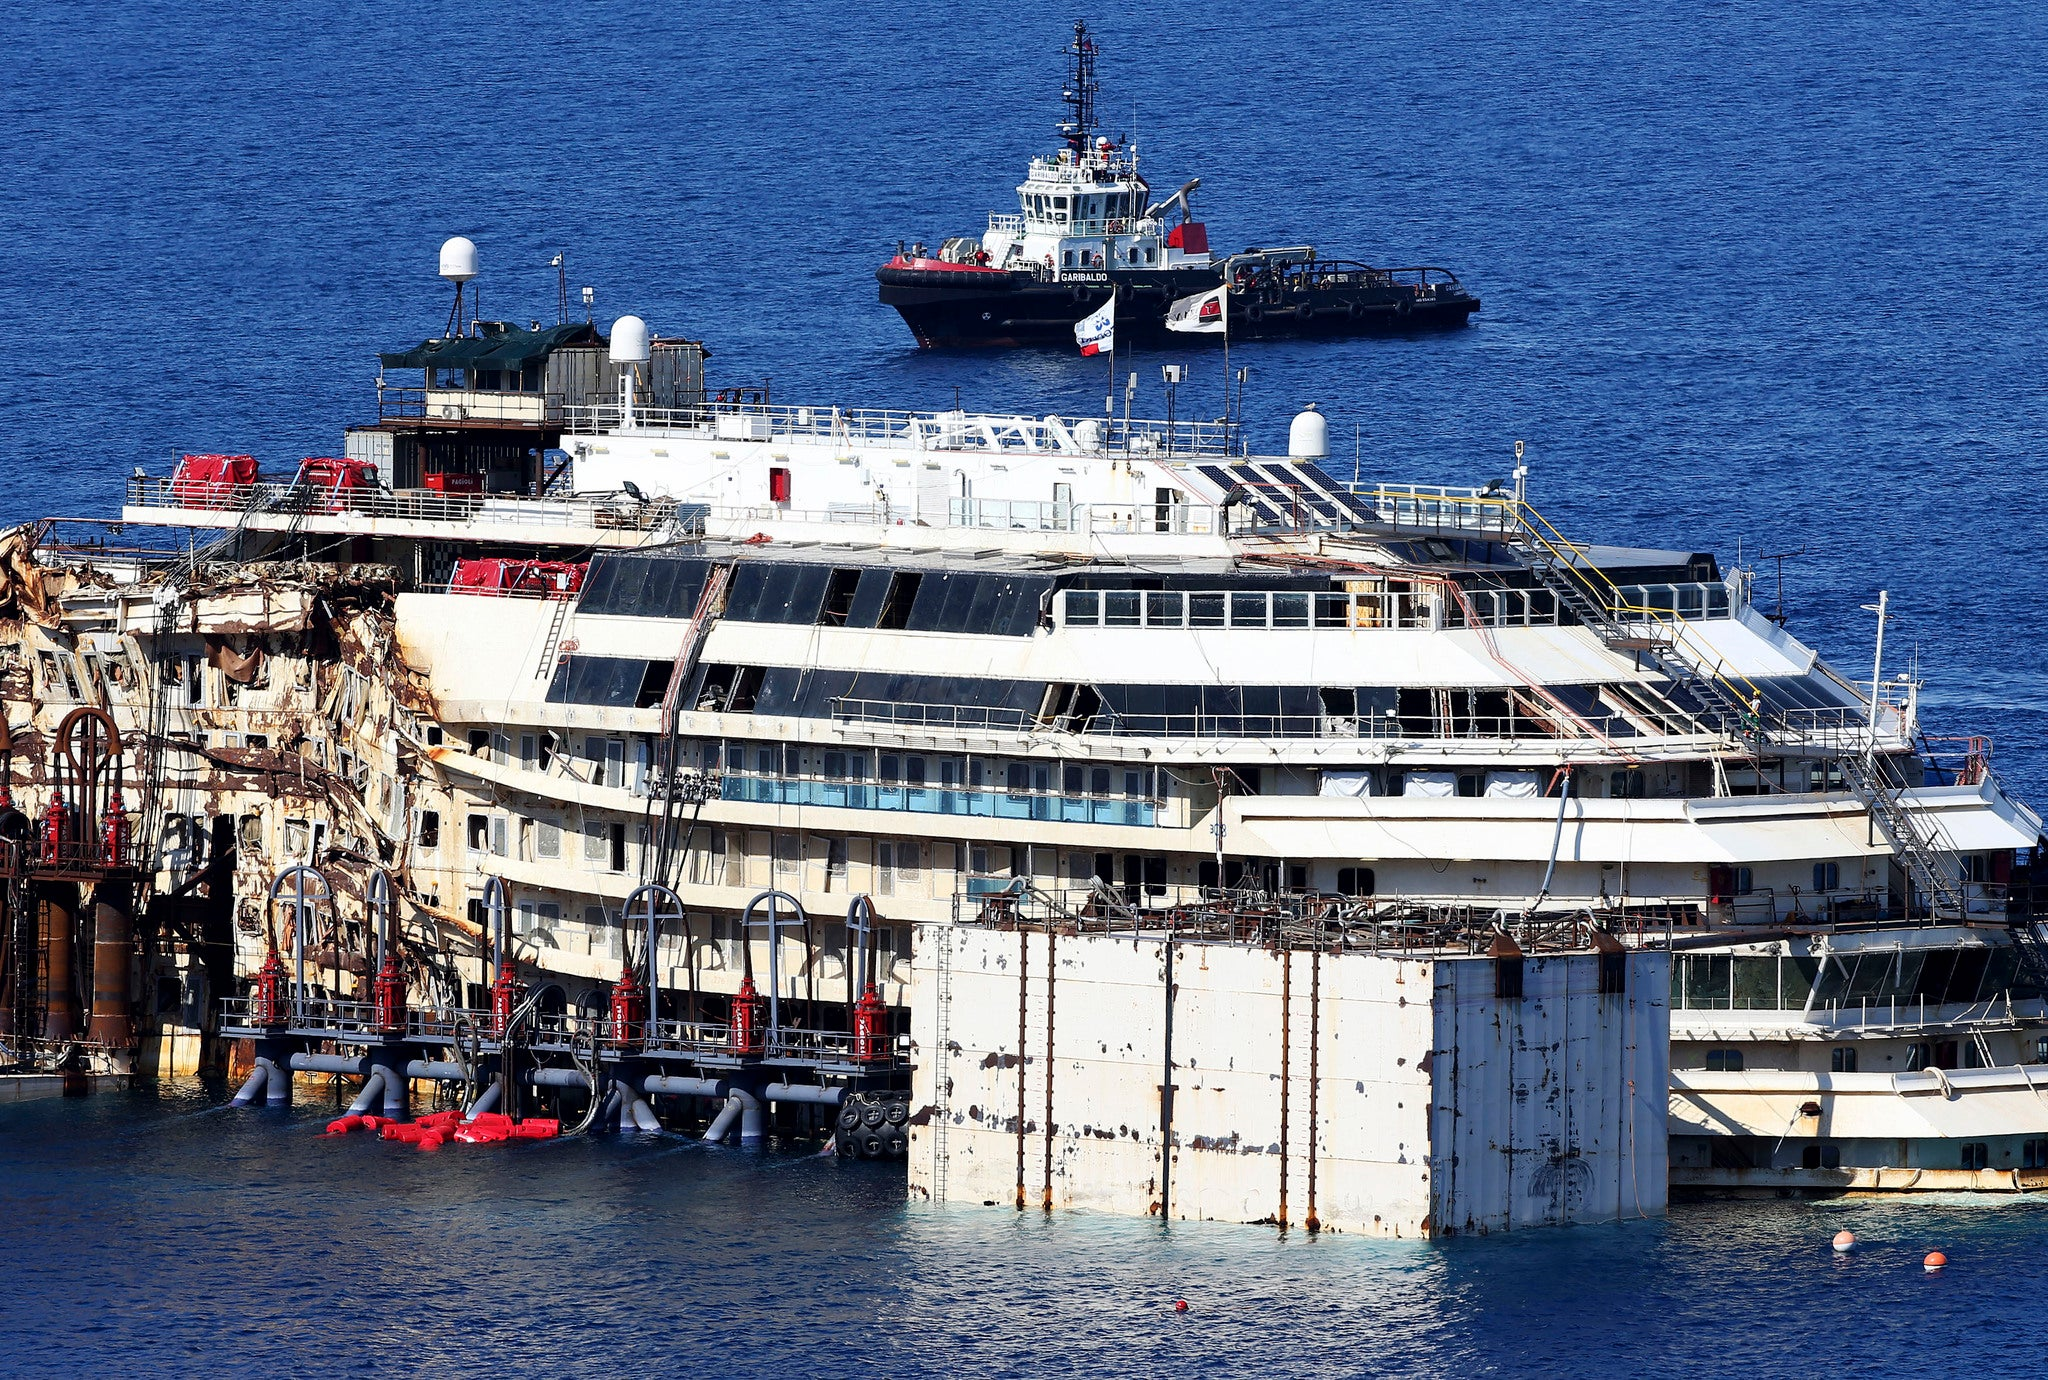 COSTA CONCORDIA - Costa Concordia - Shipfriends